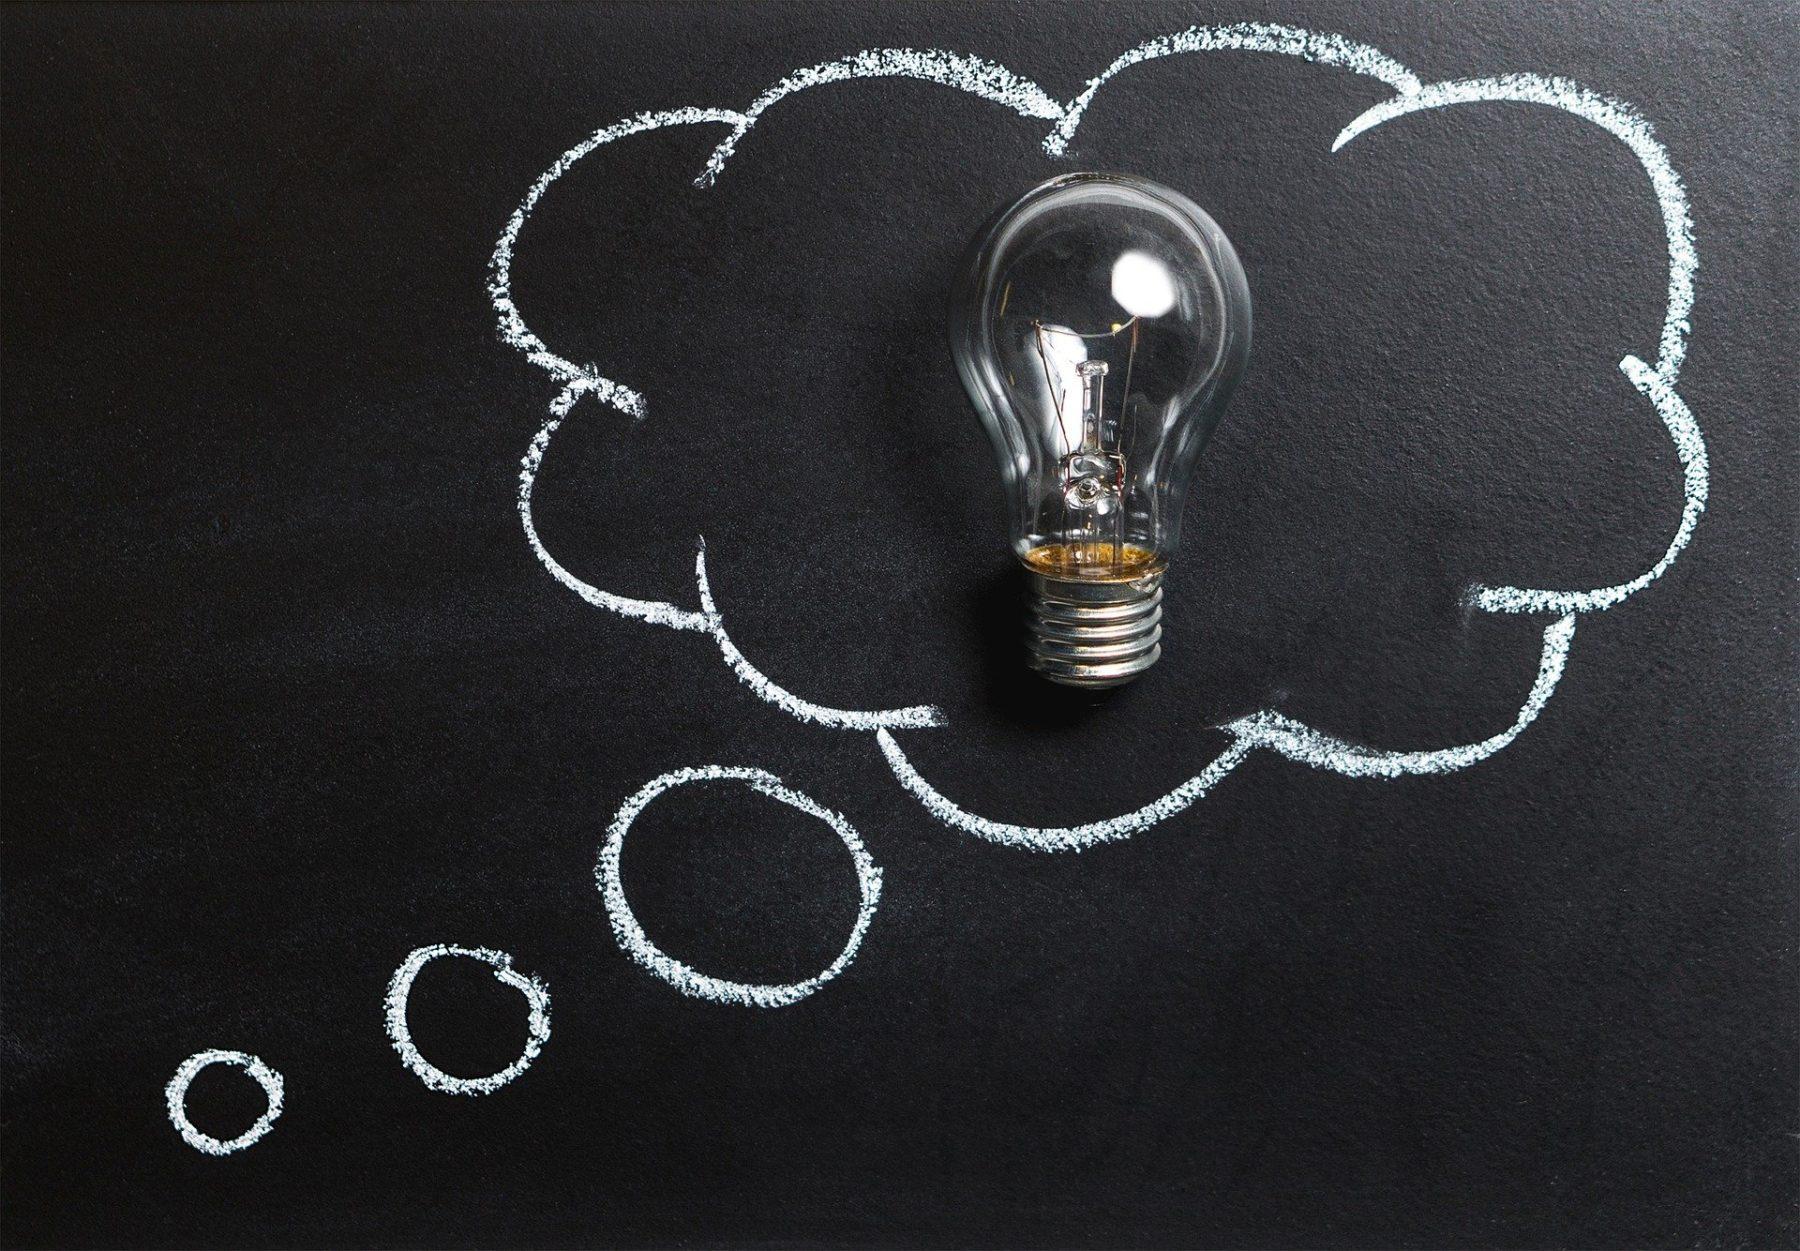 Content für die Unternehmenswebseite – passende Themen finden